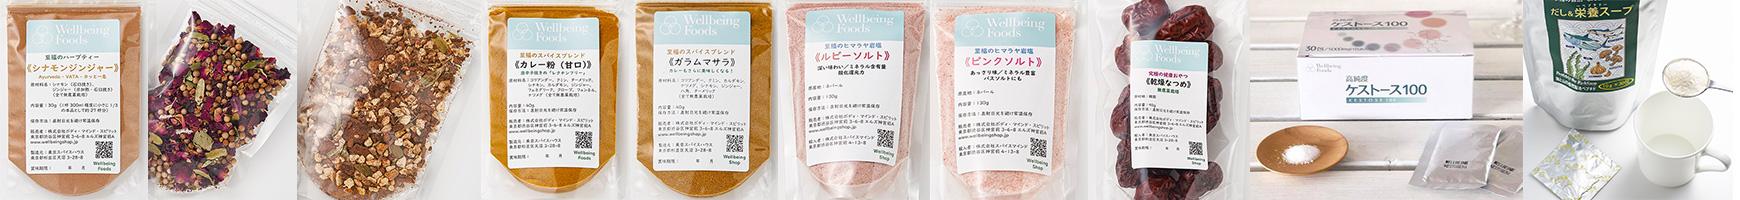 冷凍便に同梱可能な商品